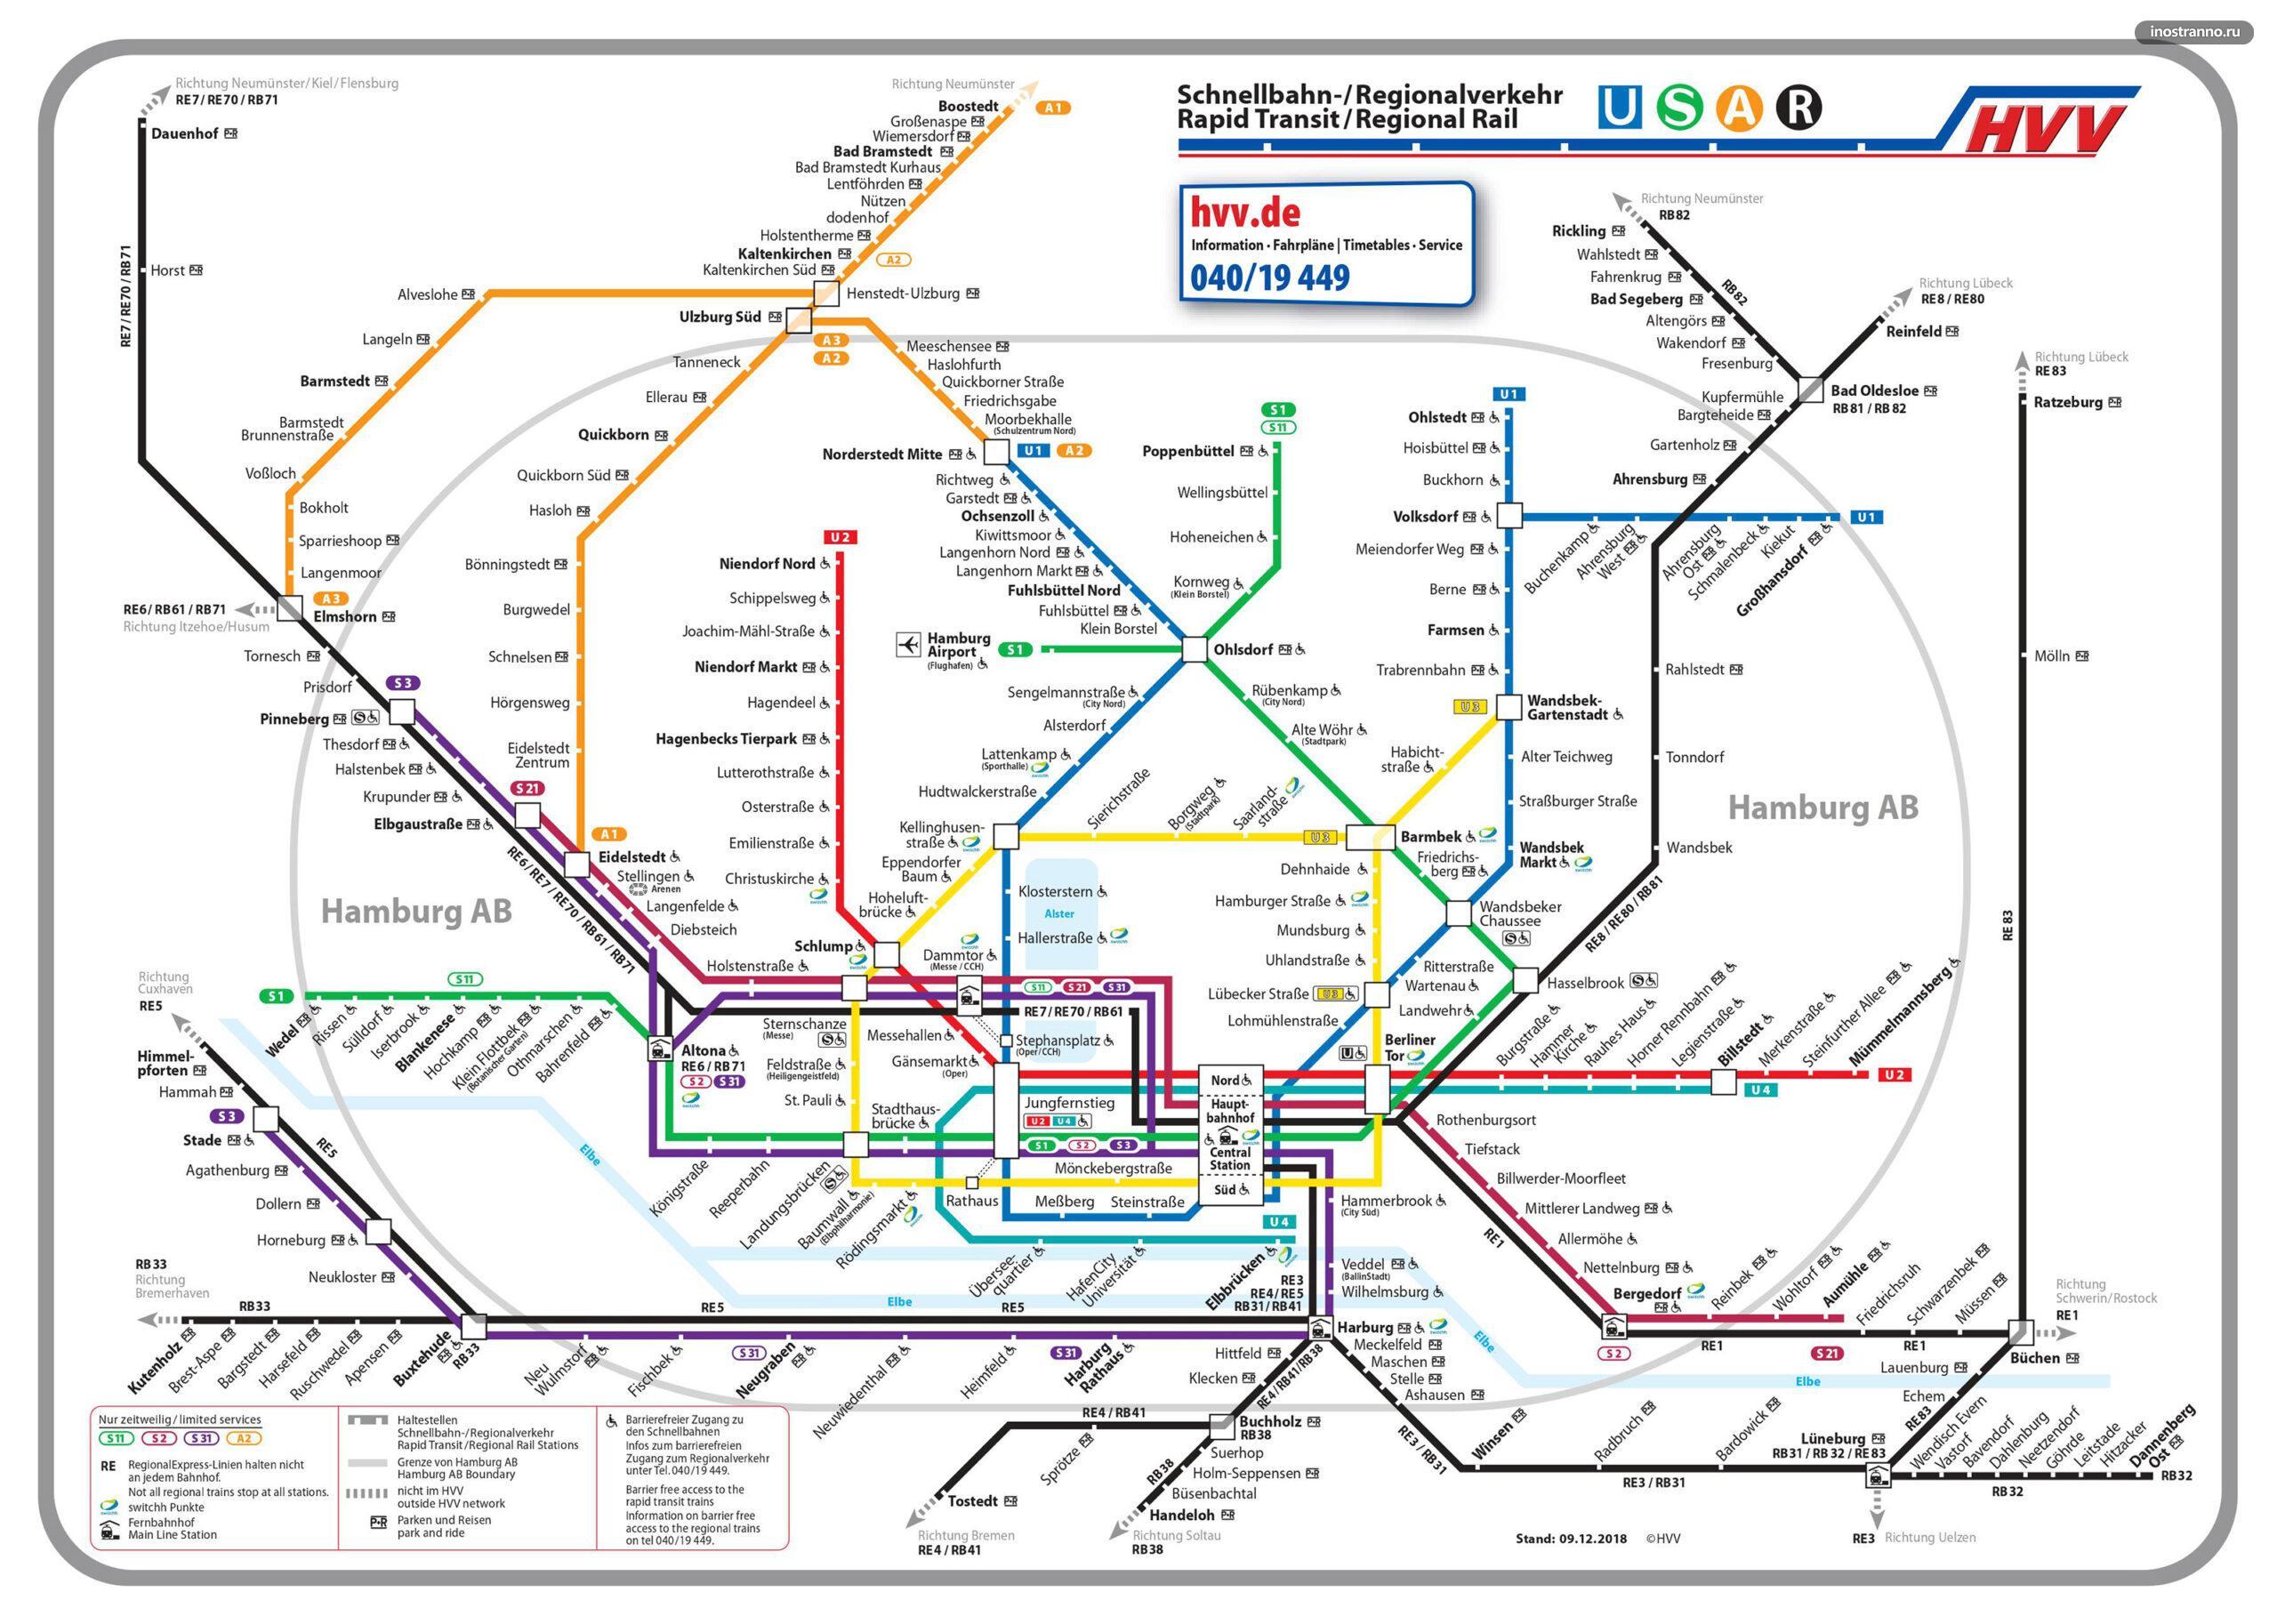 Карта транспортных зон и метро Гамбурга